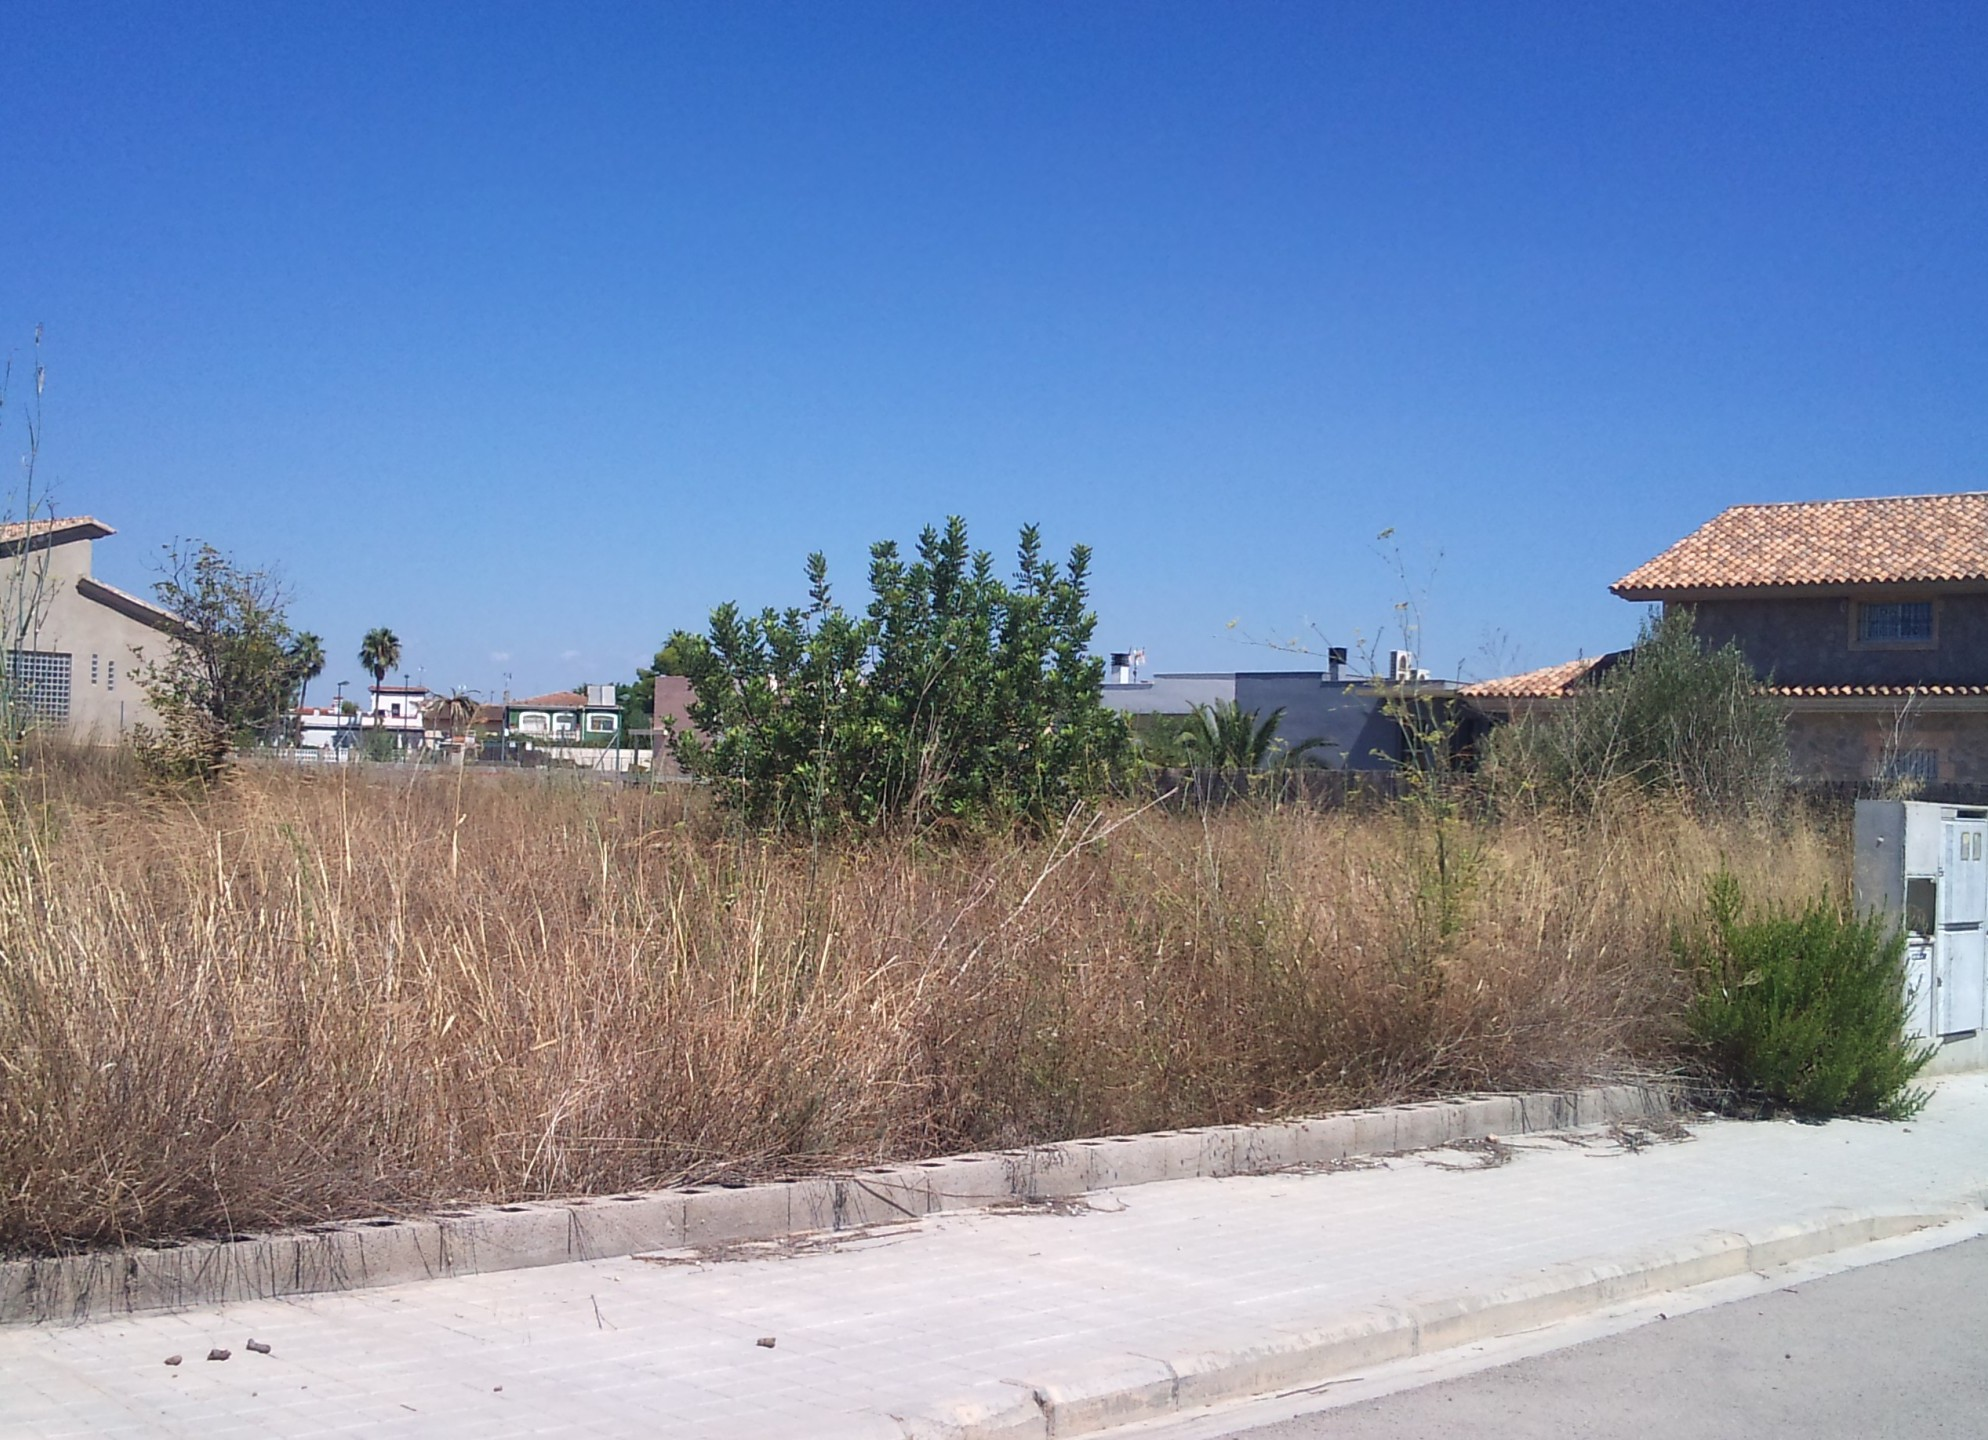 L'ajuntament multarà fins amb 3.000 euros als infractors que no netegin les seves propietats abans del proper mes d'octubre.